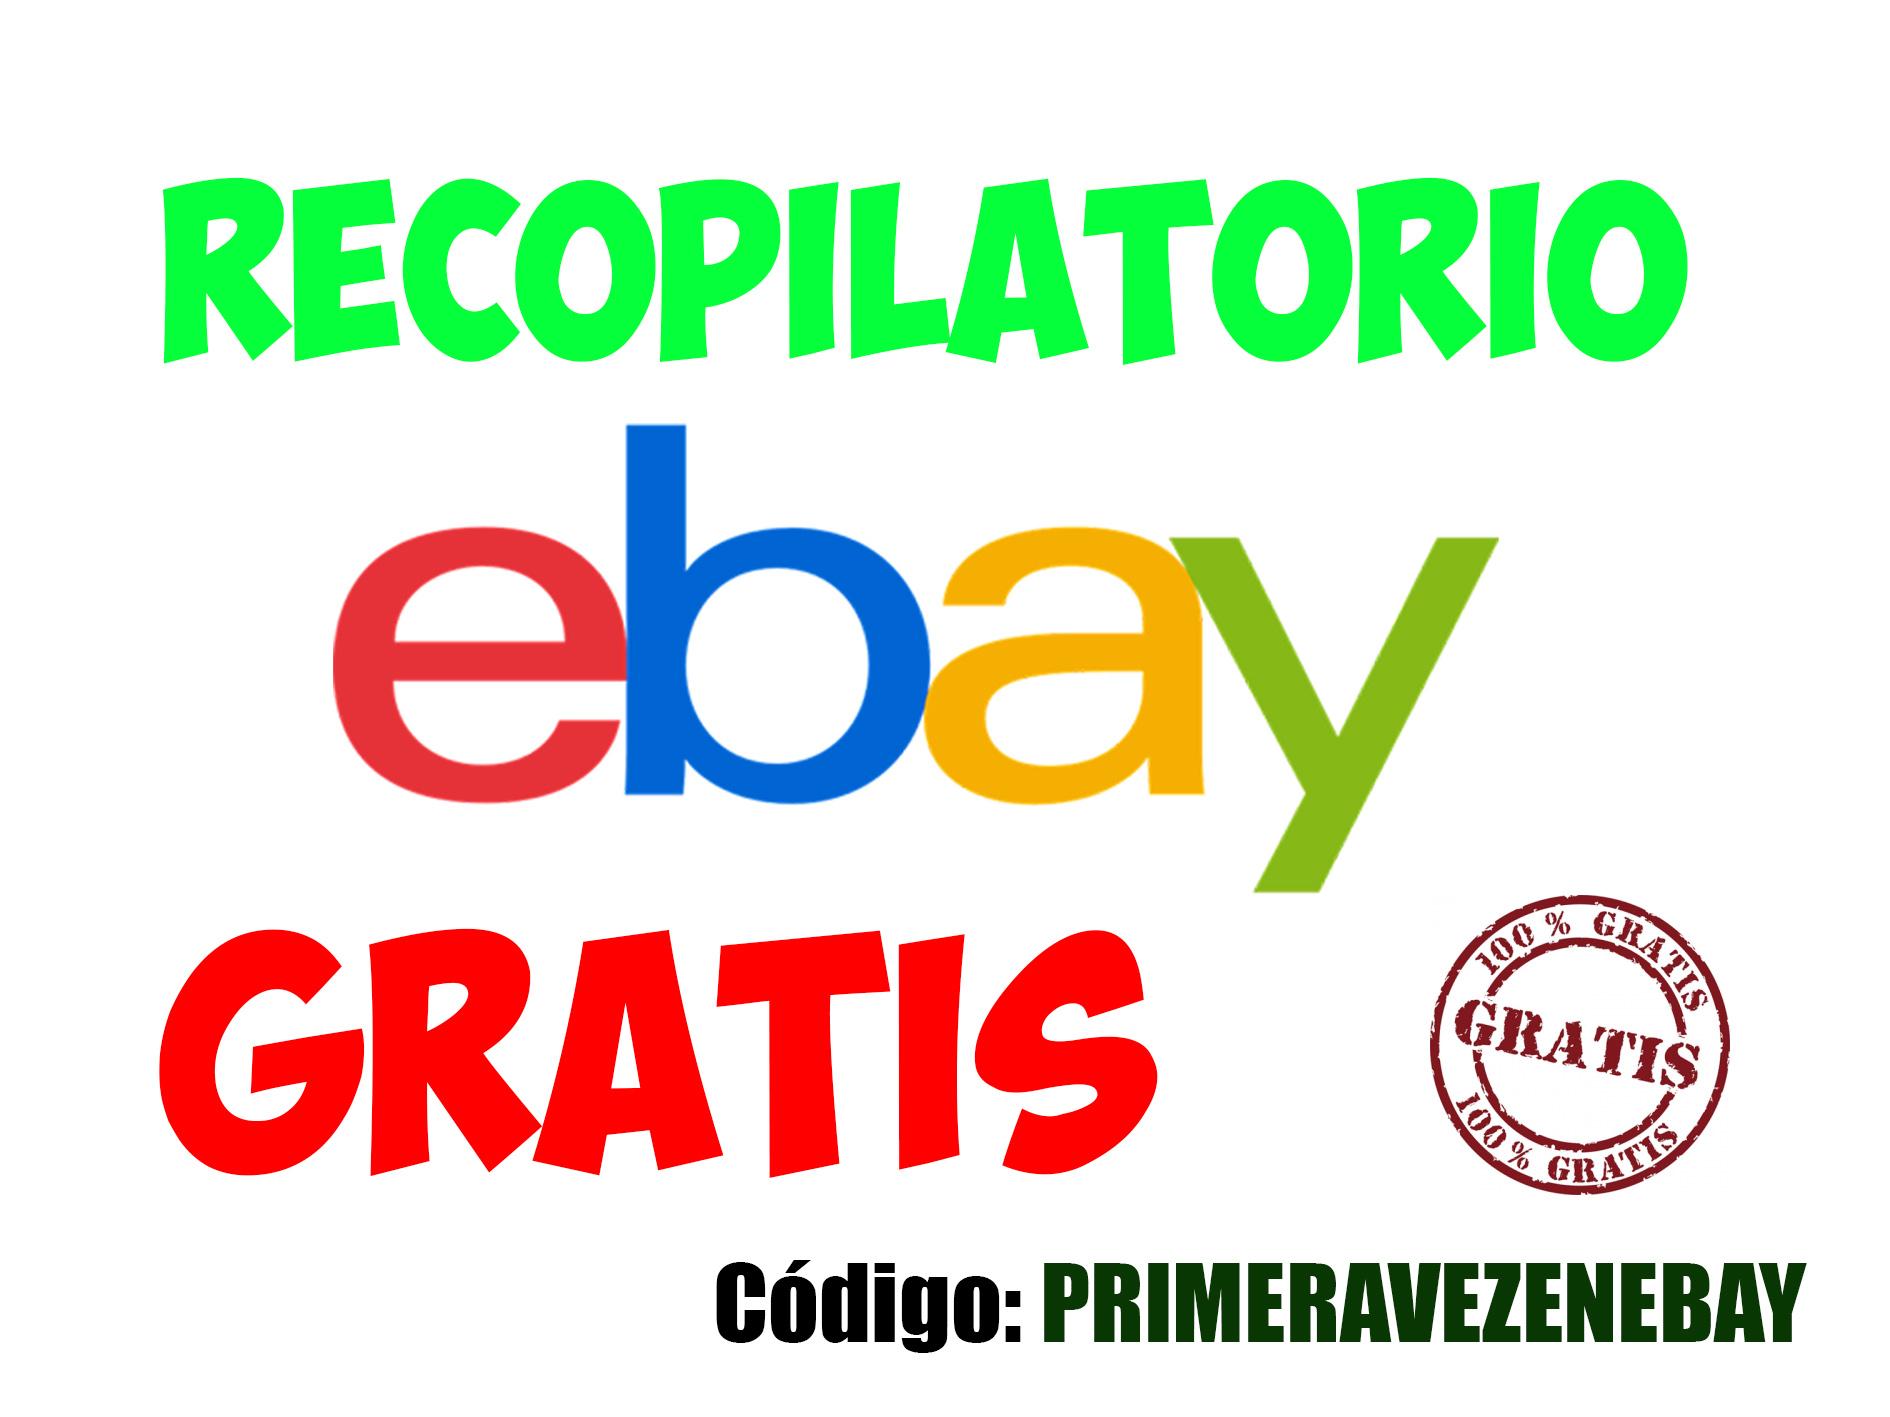 RECOPILATORIO ARTÍCULOS GRATIS EBAY